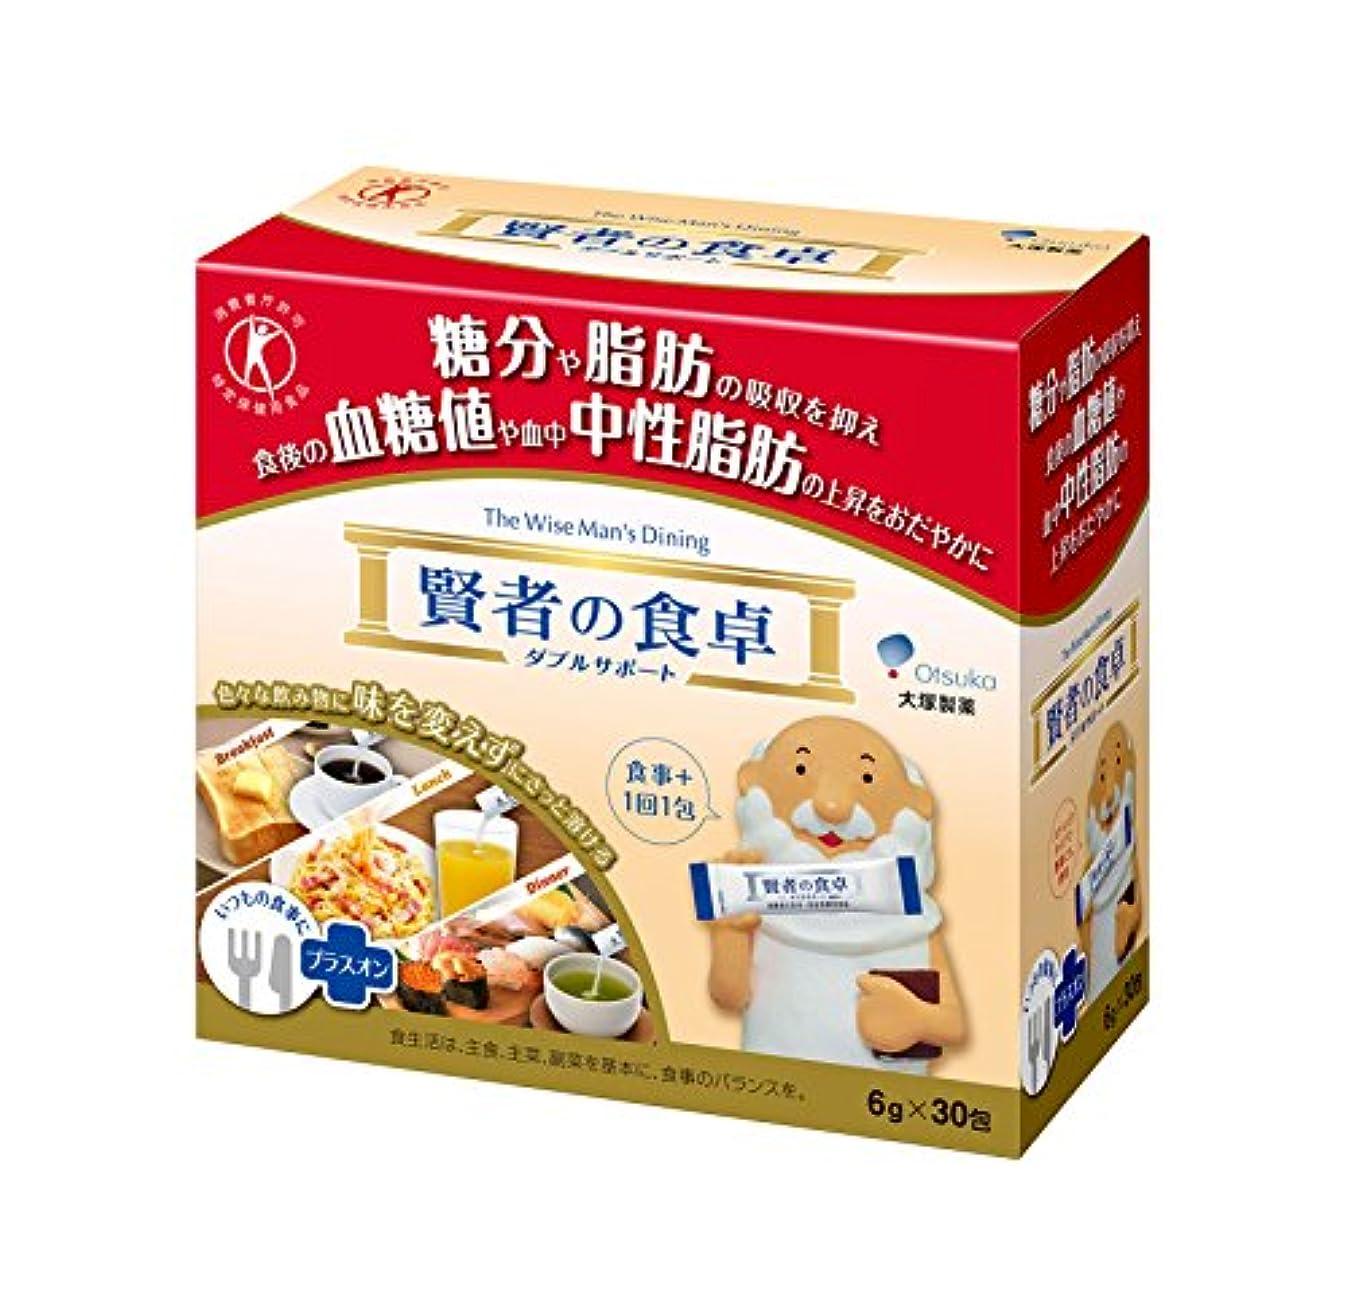 手書き突進アジア人大塚製薬 賢者の食卓 ダブルサポート 6g×30包 【特定保健用食品】